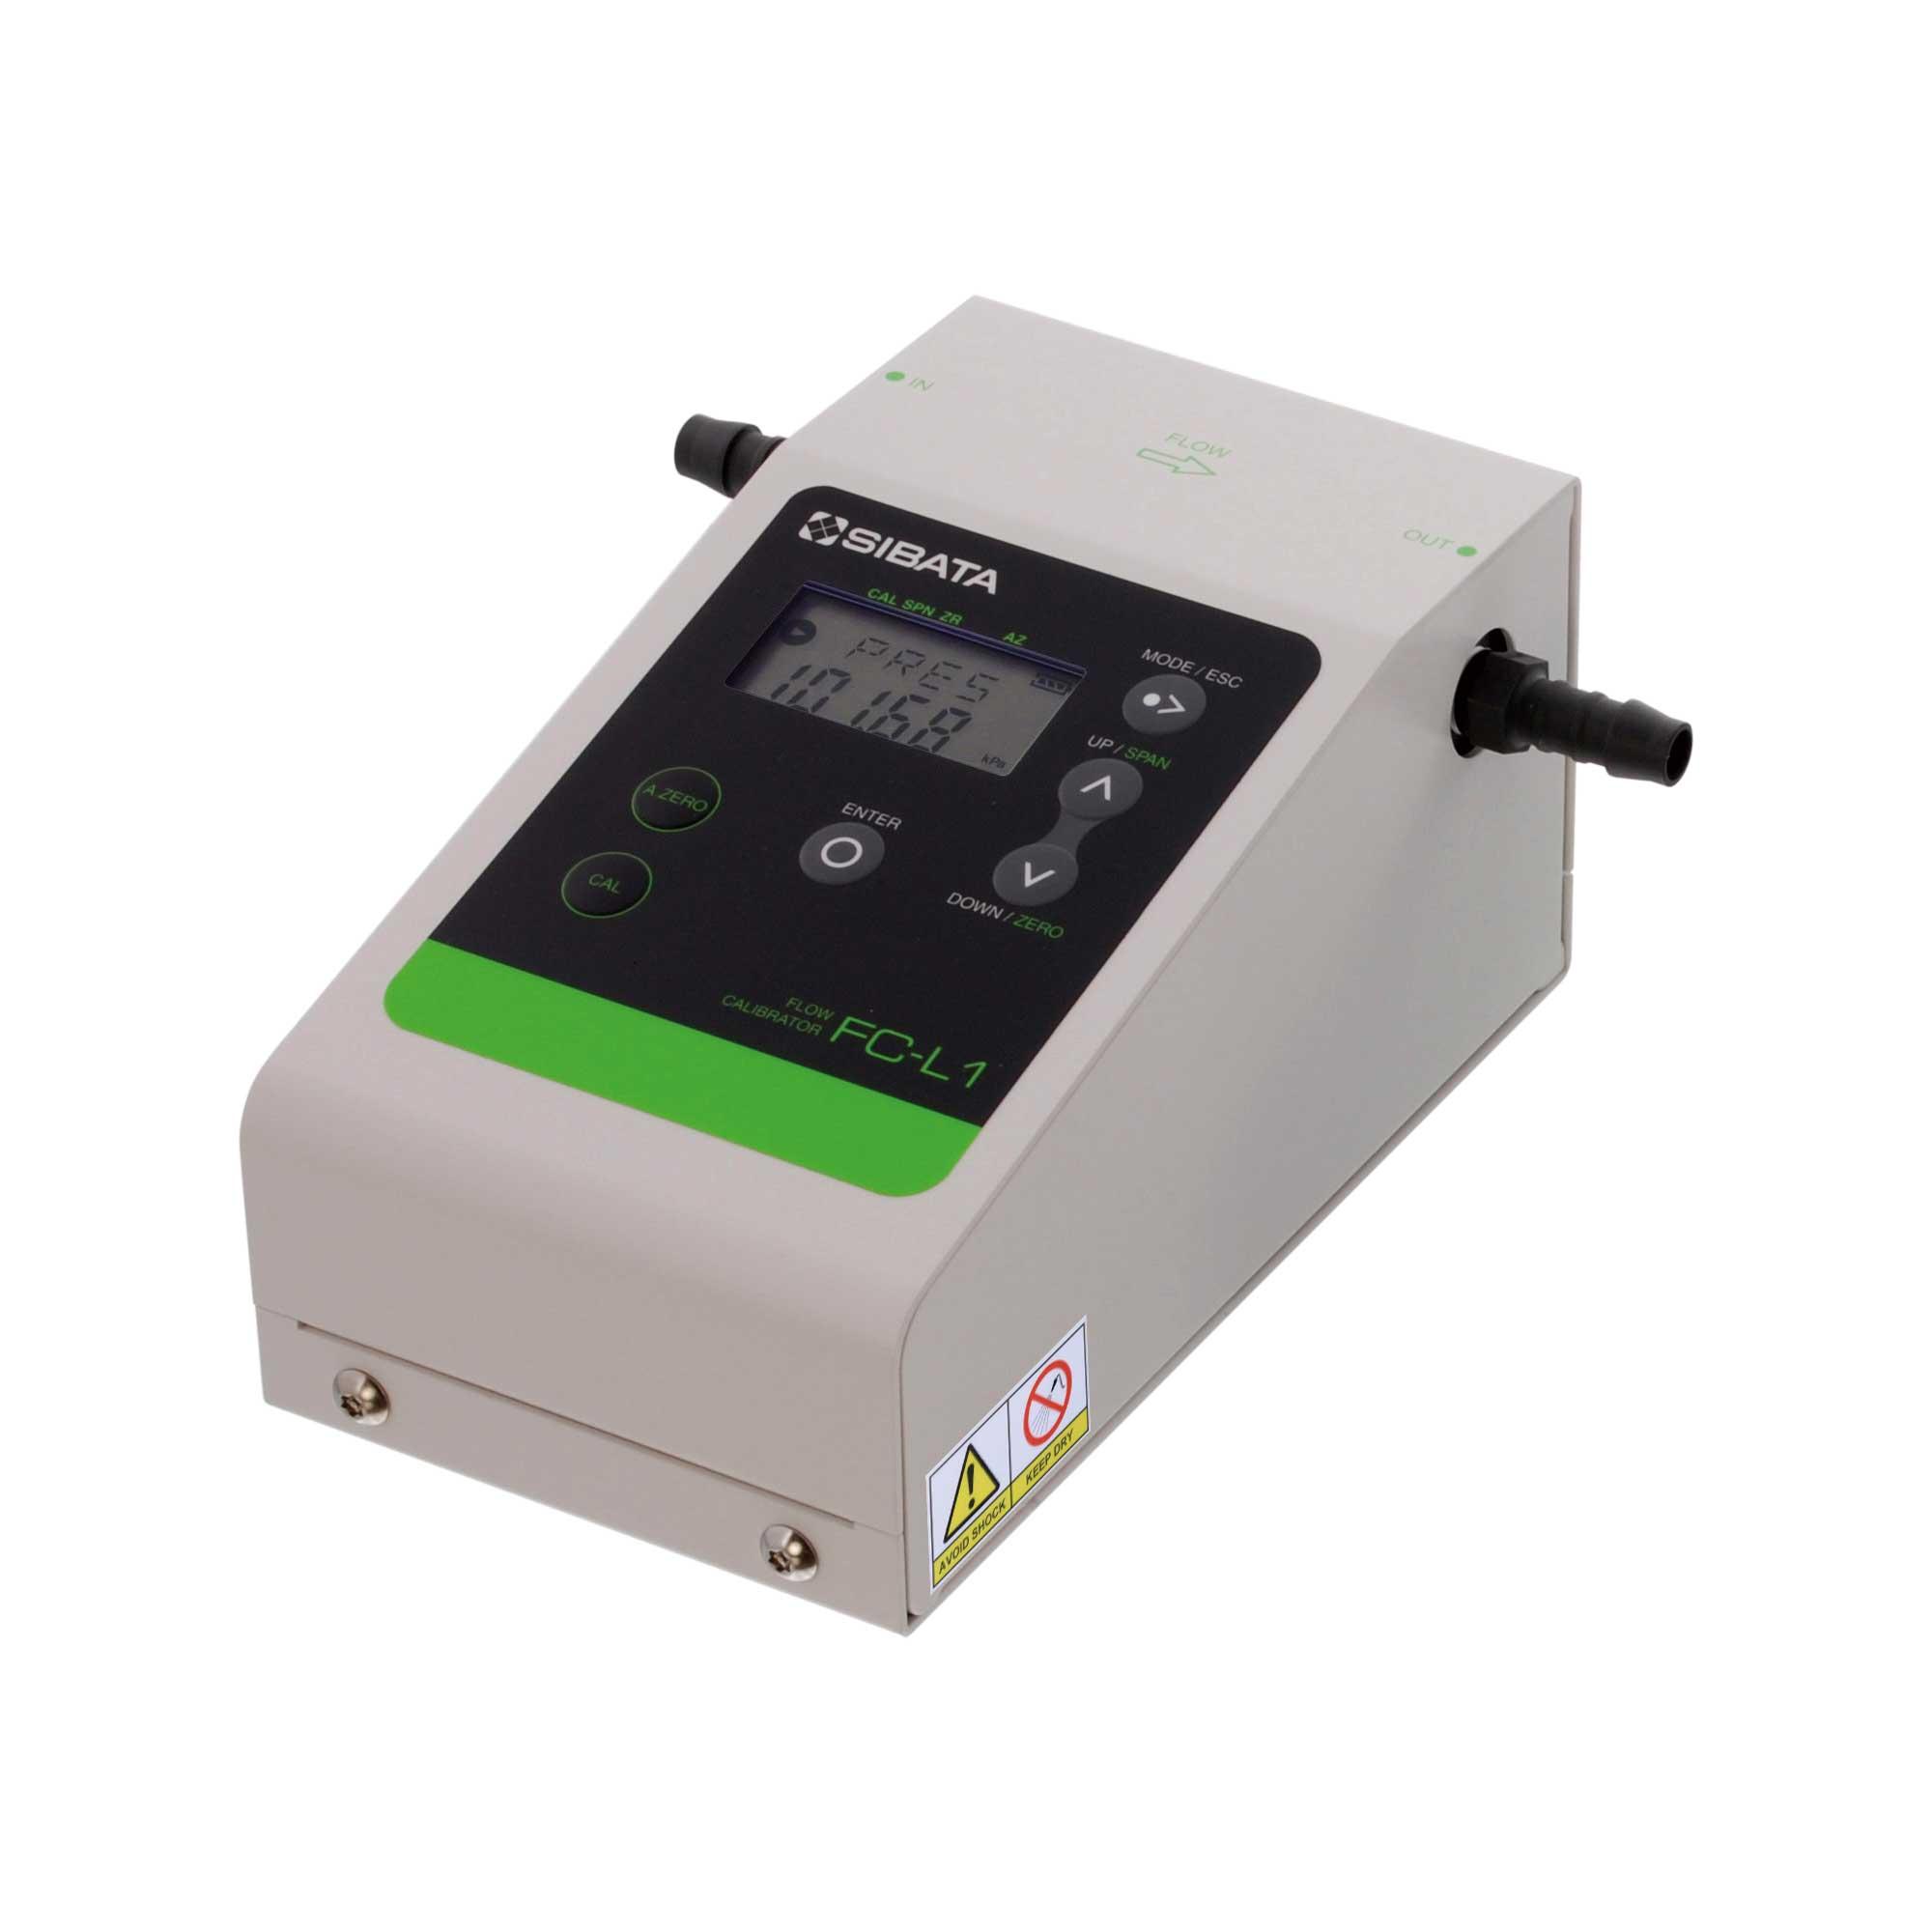 ローボリウムポンプ用基準流量計 FC-L1型